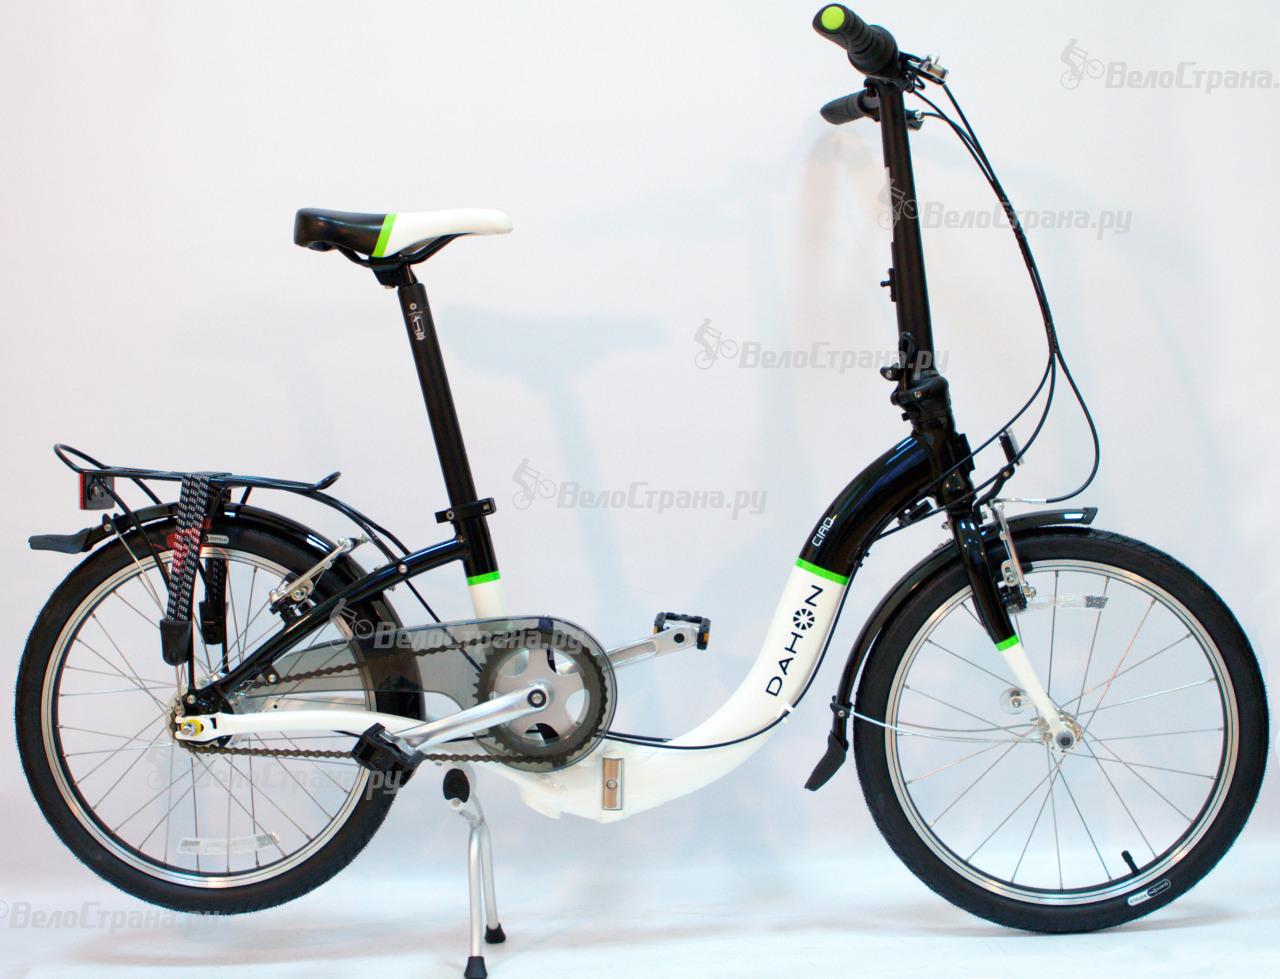 Велосипед Dahon Ciao i7 (2015) велосипед dahon speed d7 2015